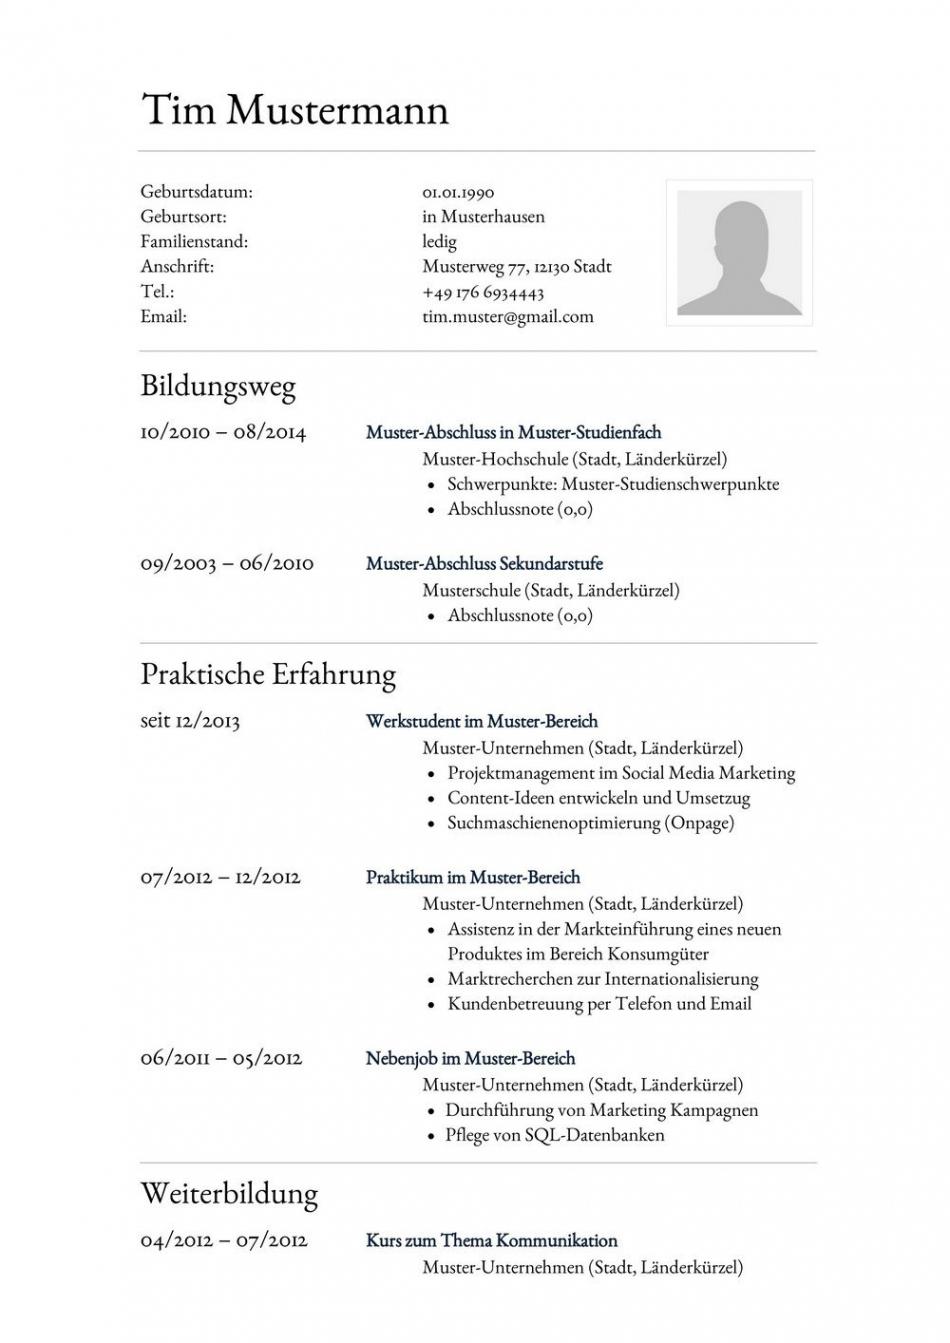 Porbe von  Lebenslauf Muster Für Assistent  Lebenslauf Designs Vorlage Lebenslauf Assistentin Der Geschäftsführung